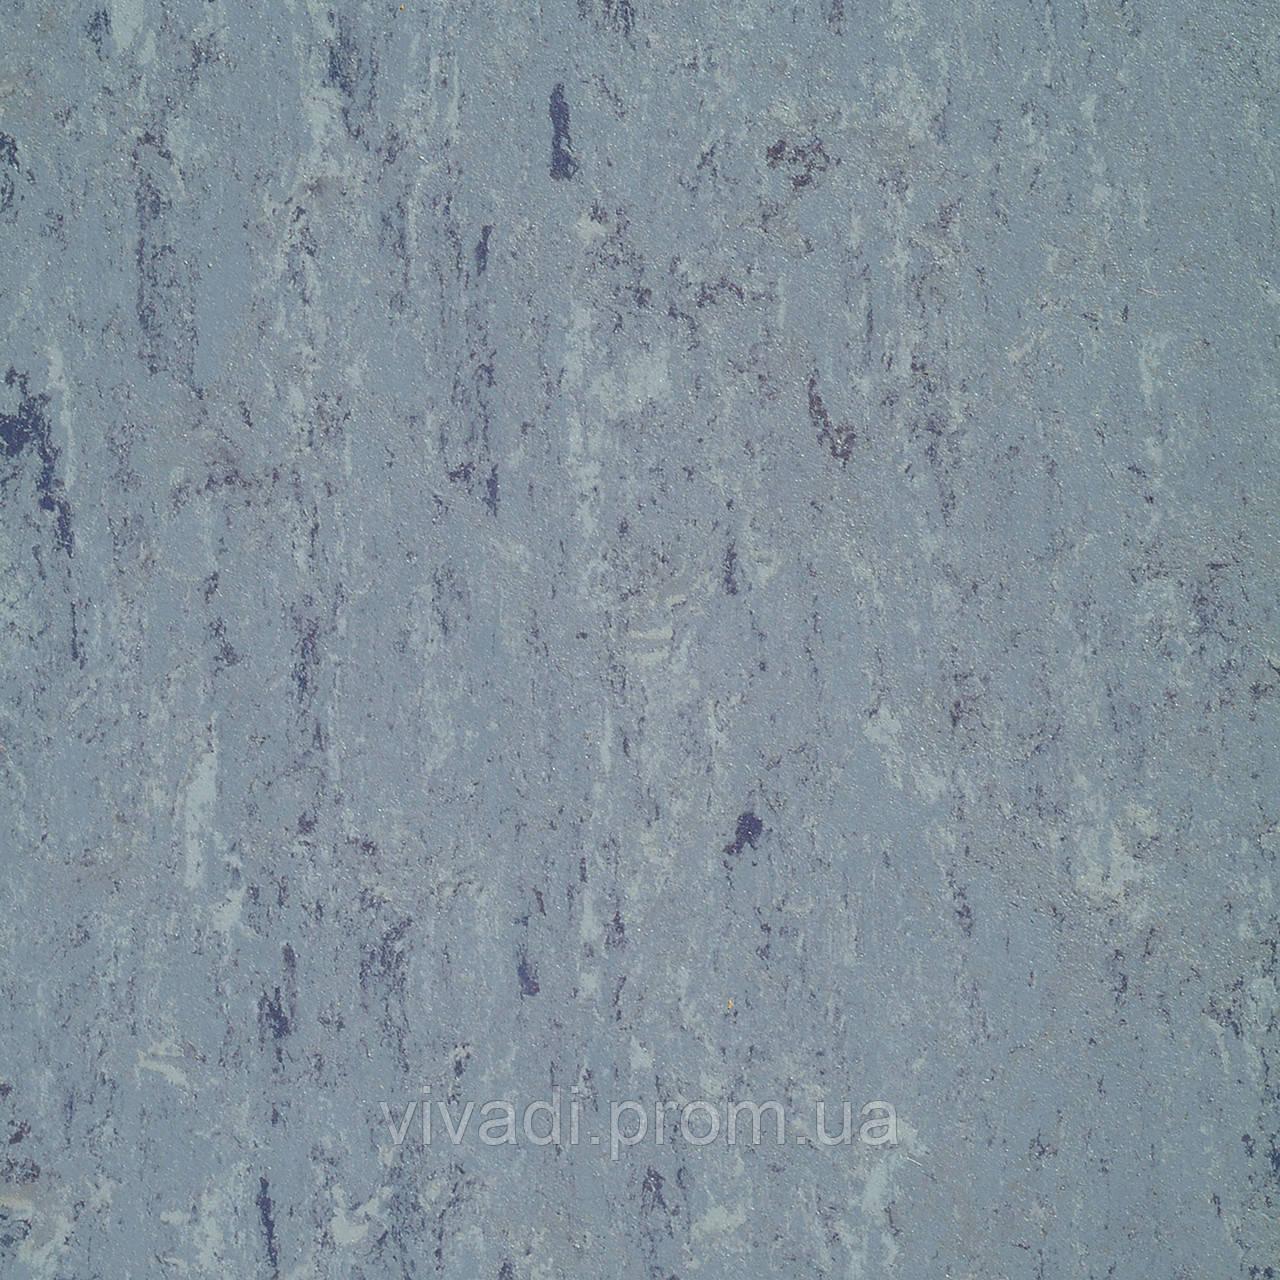 Натуральний лінолеум Linodur LPX - колір 151-020